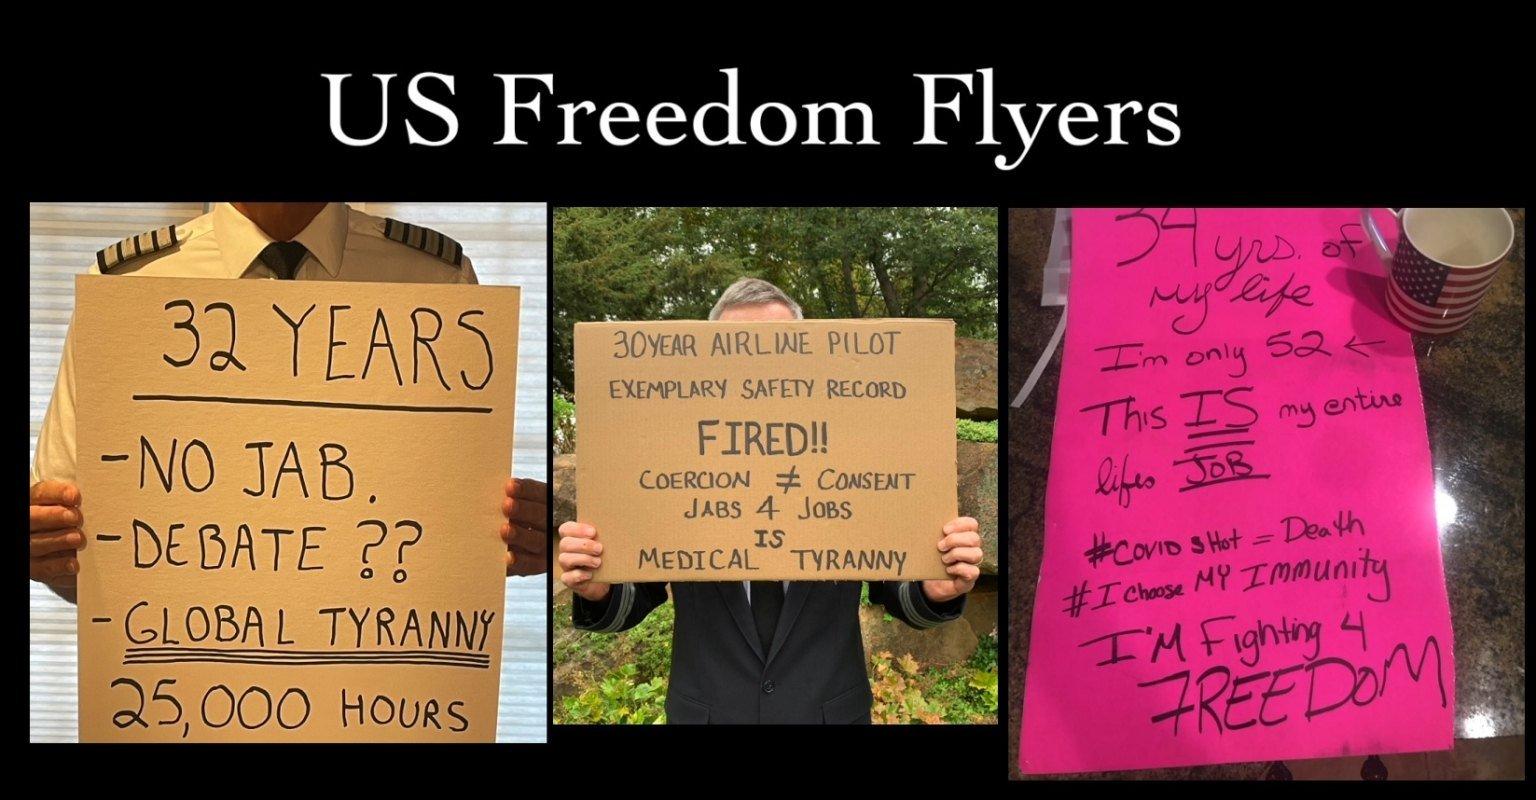 freedom-flyers:-luchtvaartindustrie-werknemers-ontslagen-voor-het-weigeren-van-covid-19-shot-vechten-terug